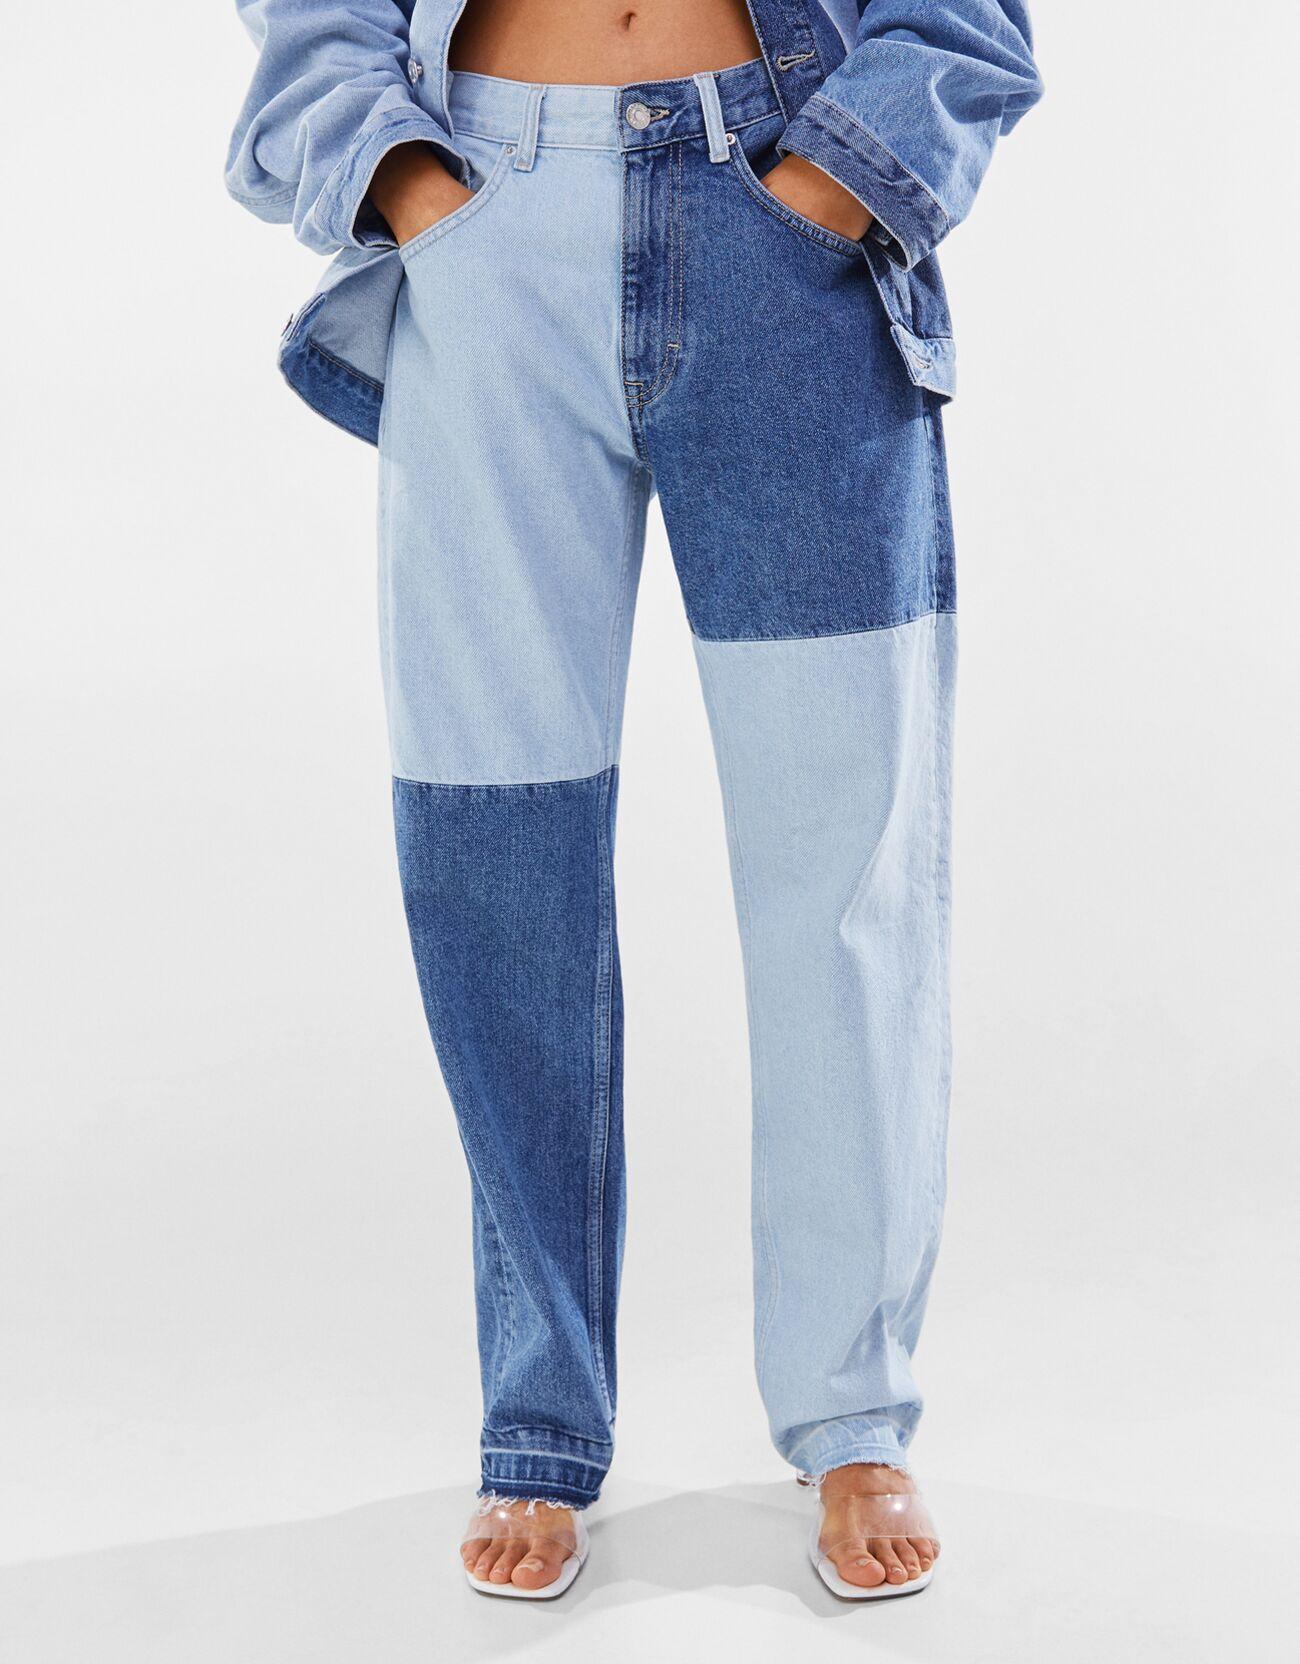 Artikel klicken und genauer betrachten! - Patchwork-Jeans Color: Blau Size: 46 Material: Baumwolle Farbe:Blau Größe: 46   im Online Shop kaufen